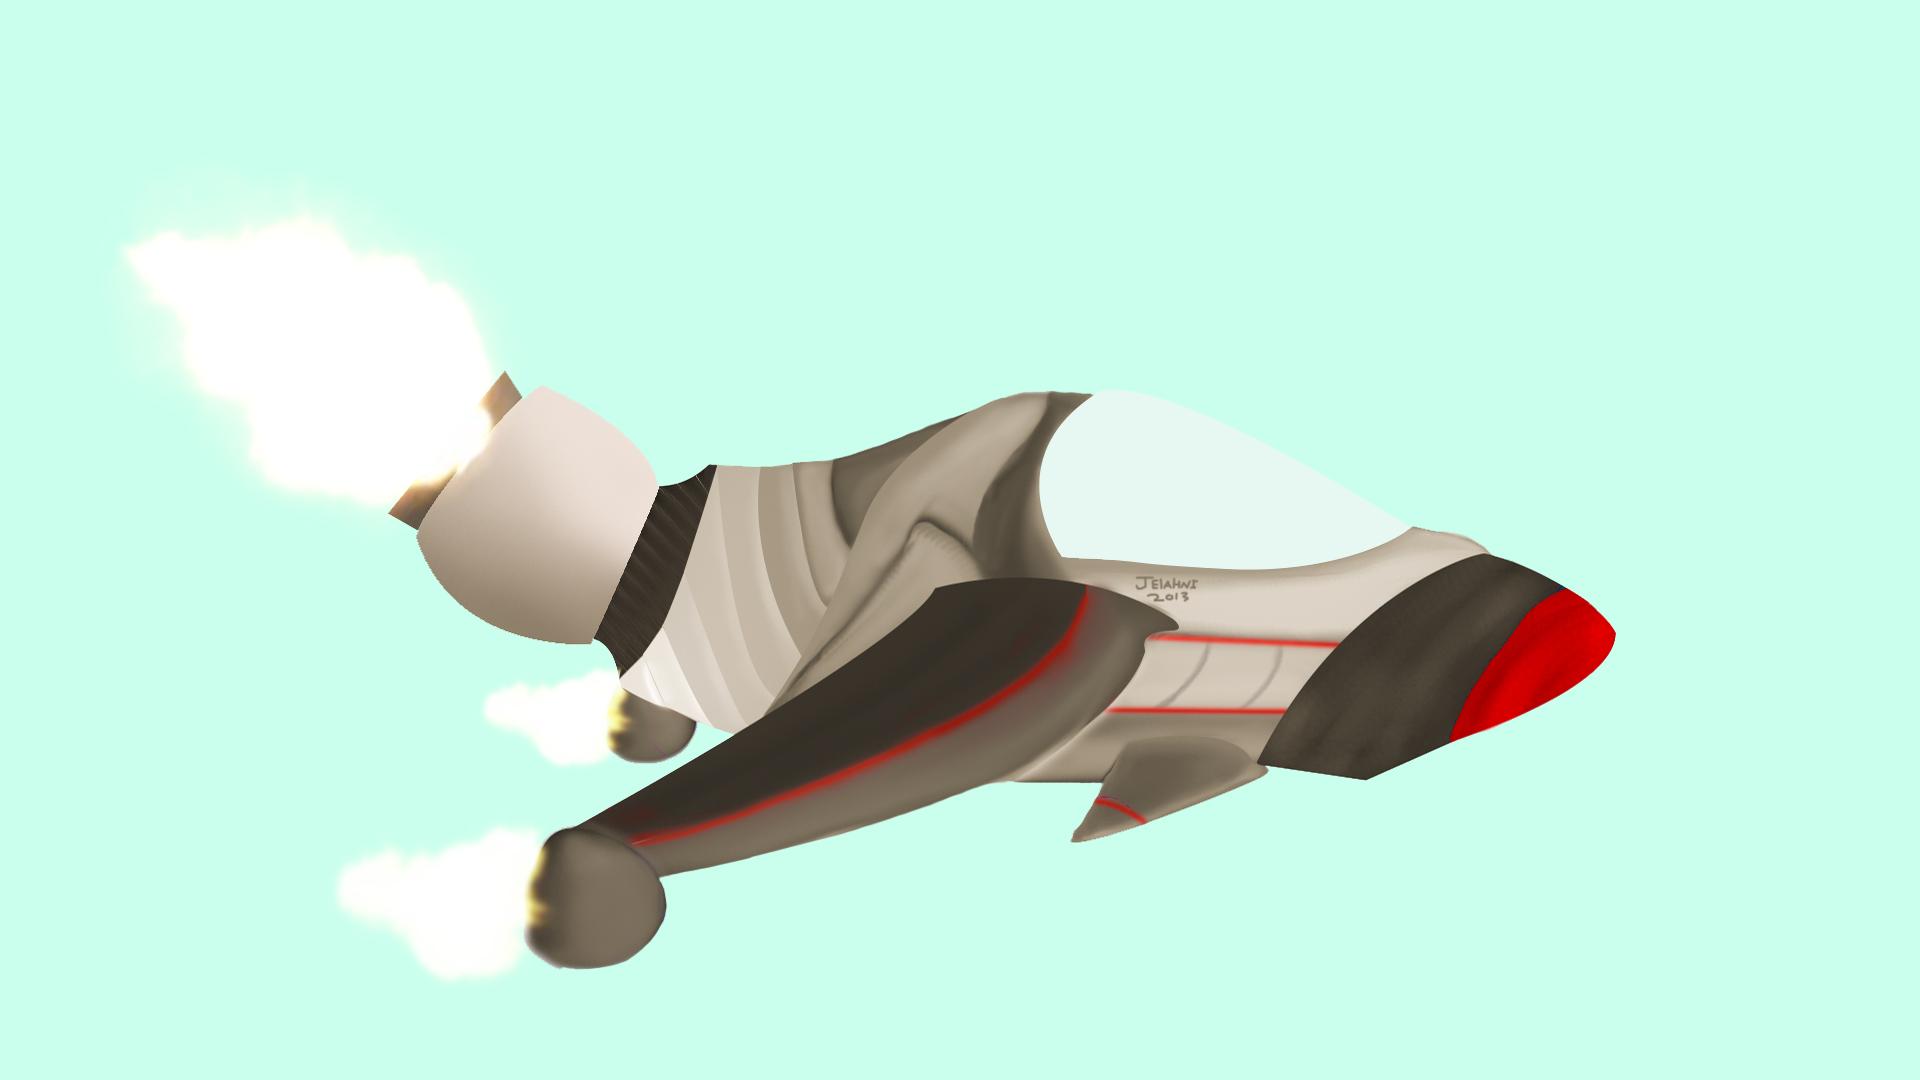 SpaceJet